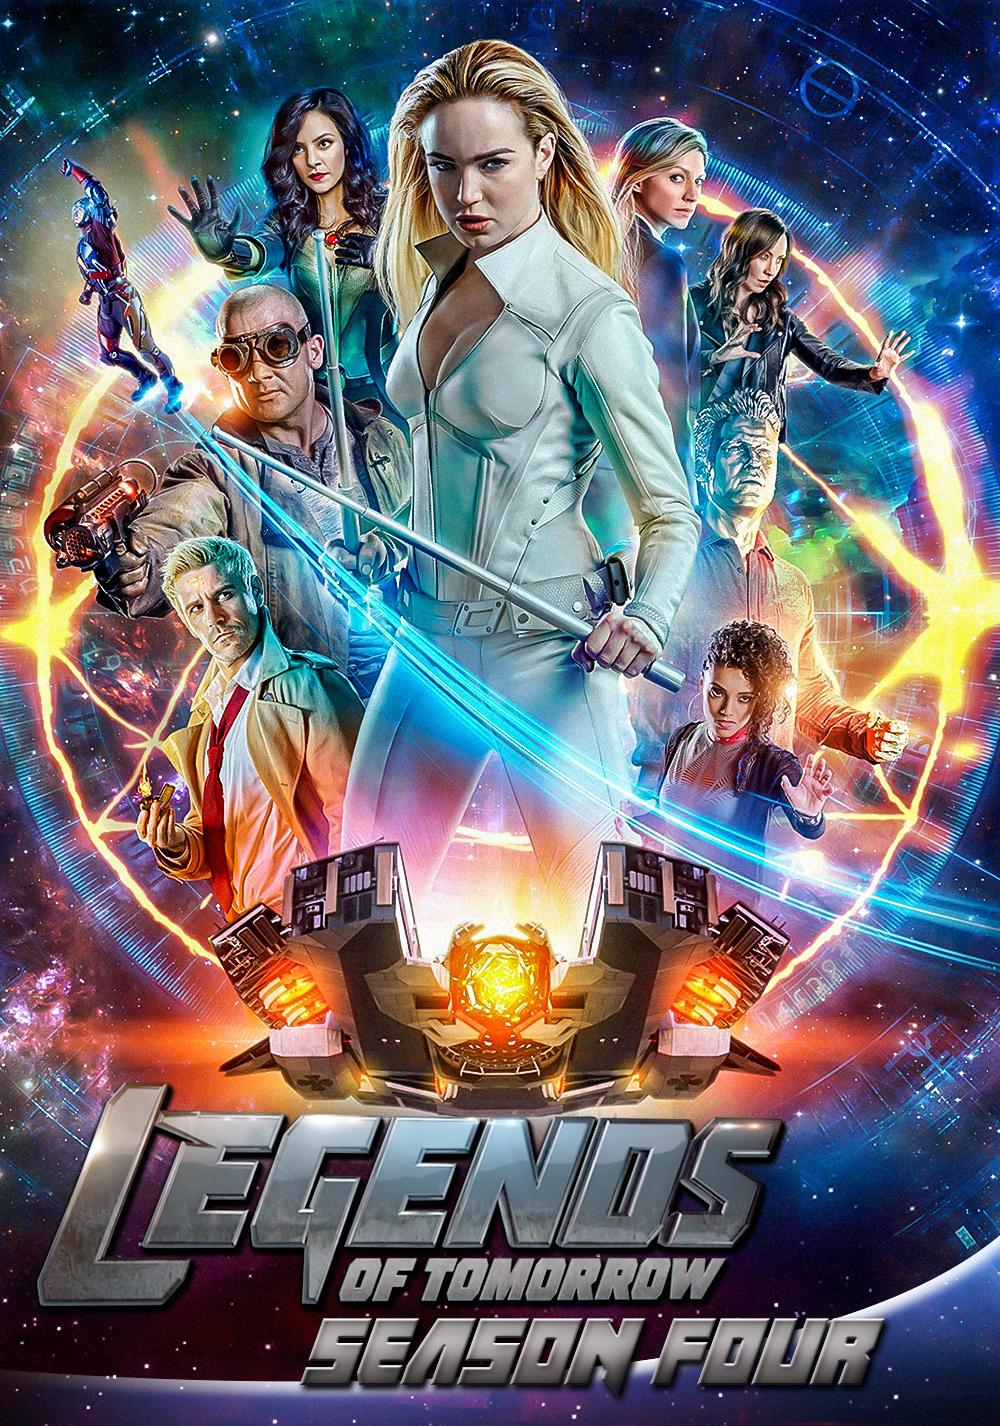 مسلسل Legends of Tomorrow الموسم الرابع حلقة 5 مترجمة